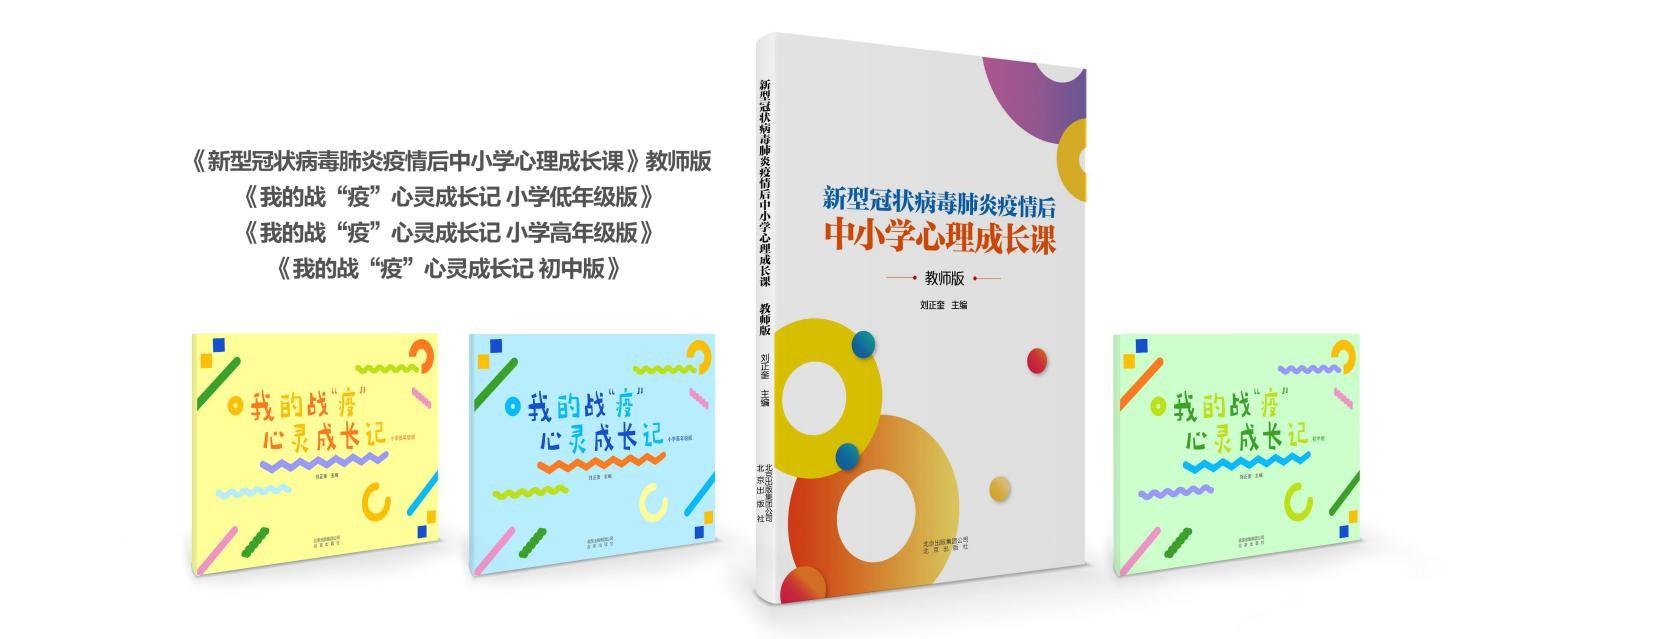 《新型冠状病毒疫情后中小学心理成长课》(教师版、学生版)出版(图)